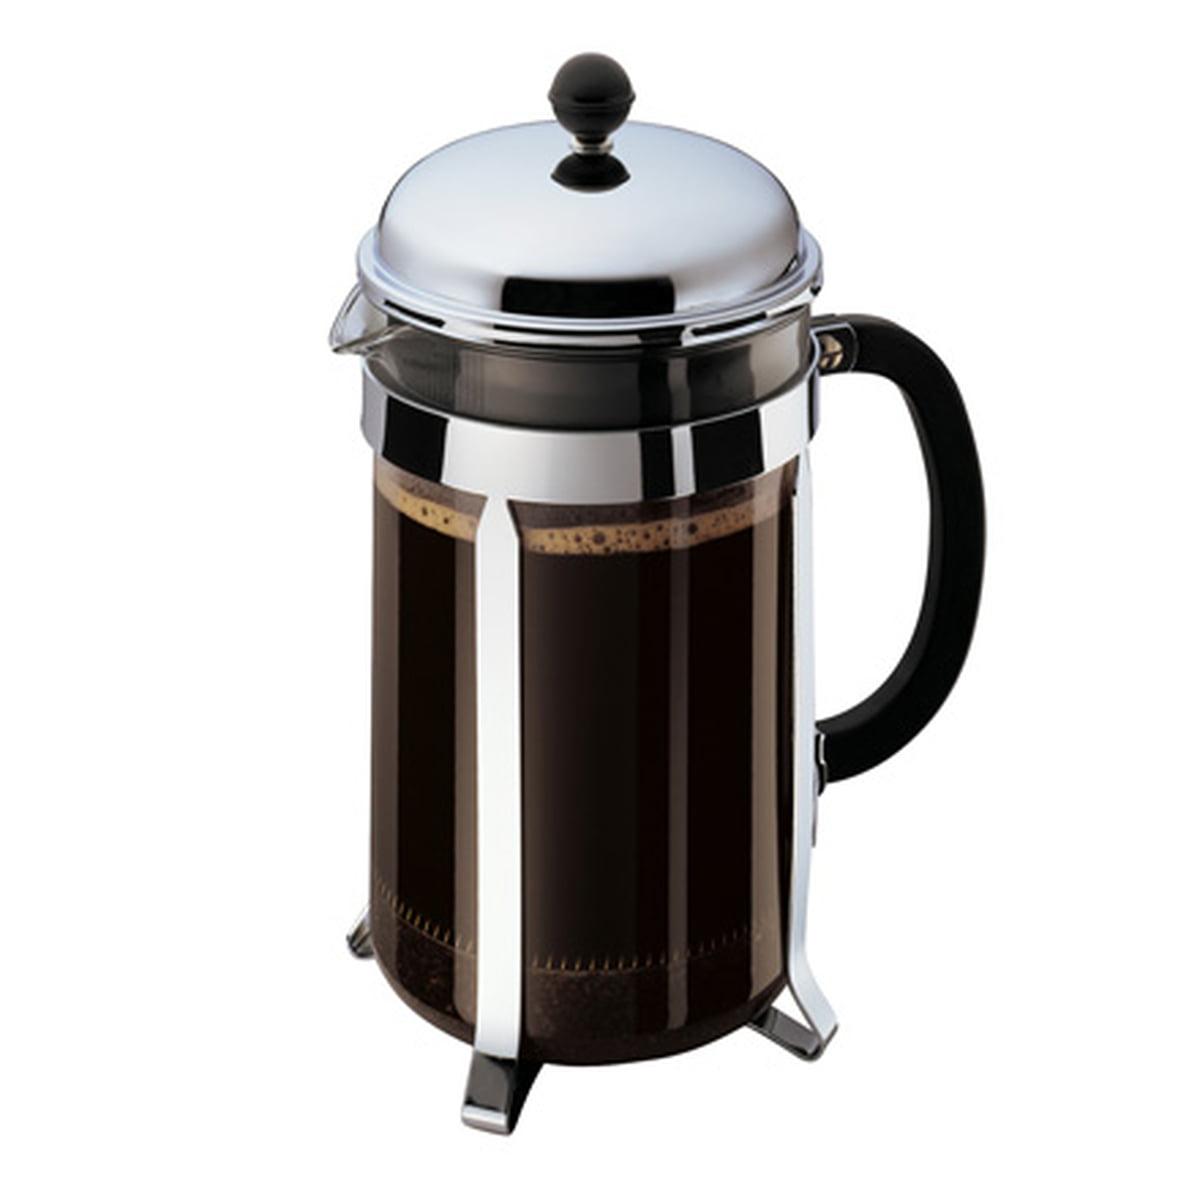 Bodum - Chambord Coffee Maker - 1.5 l